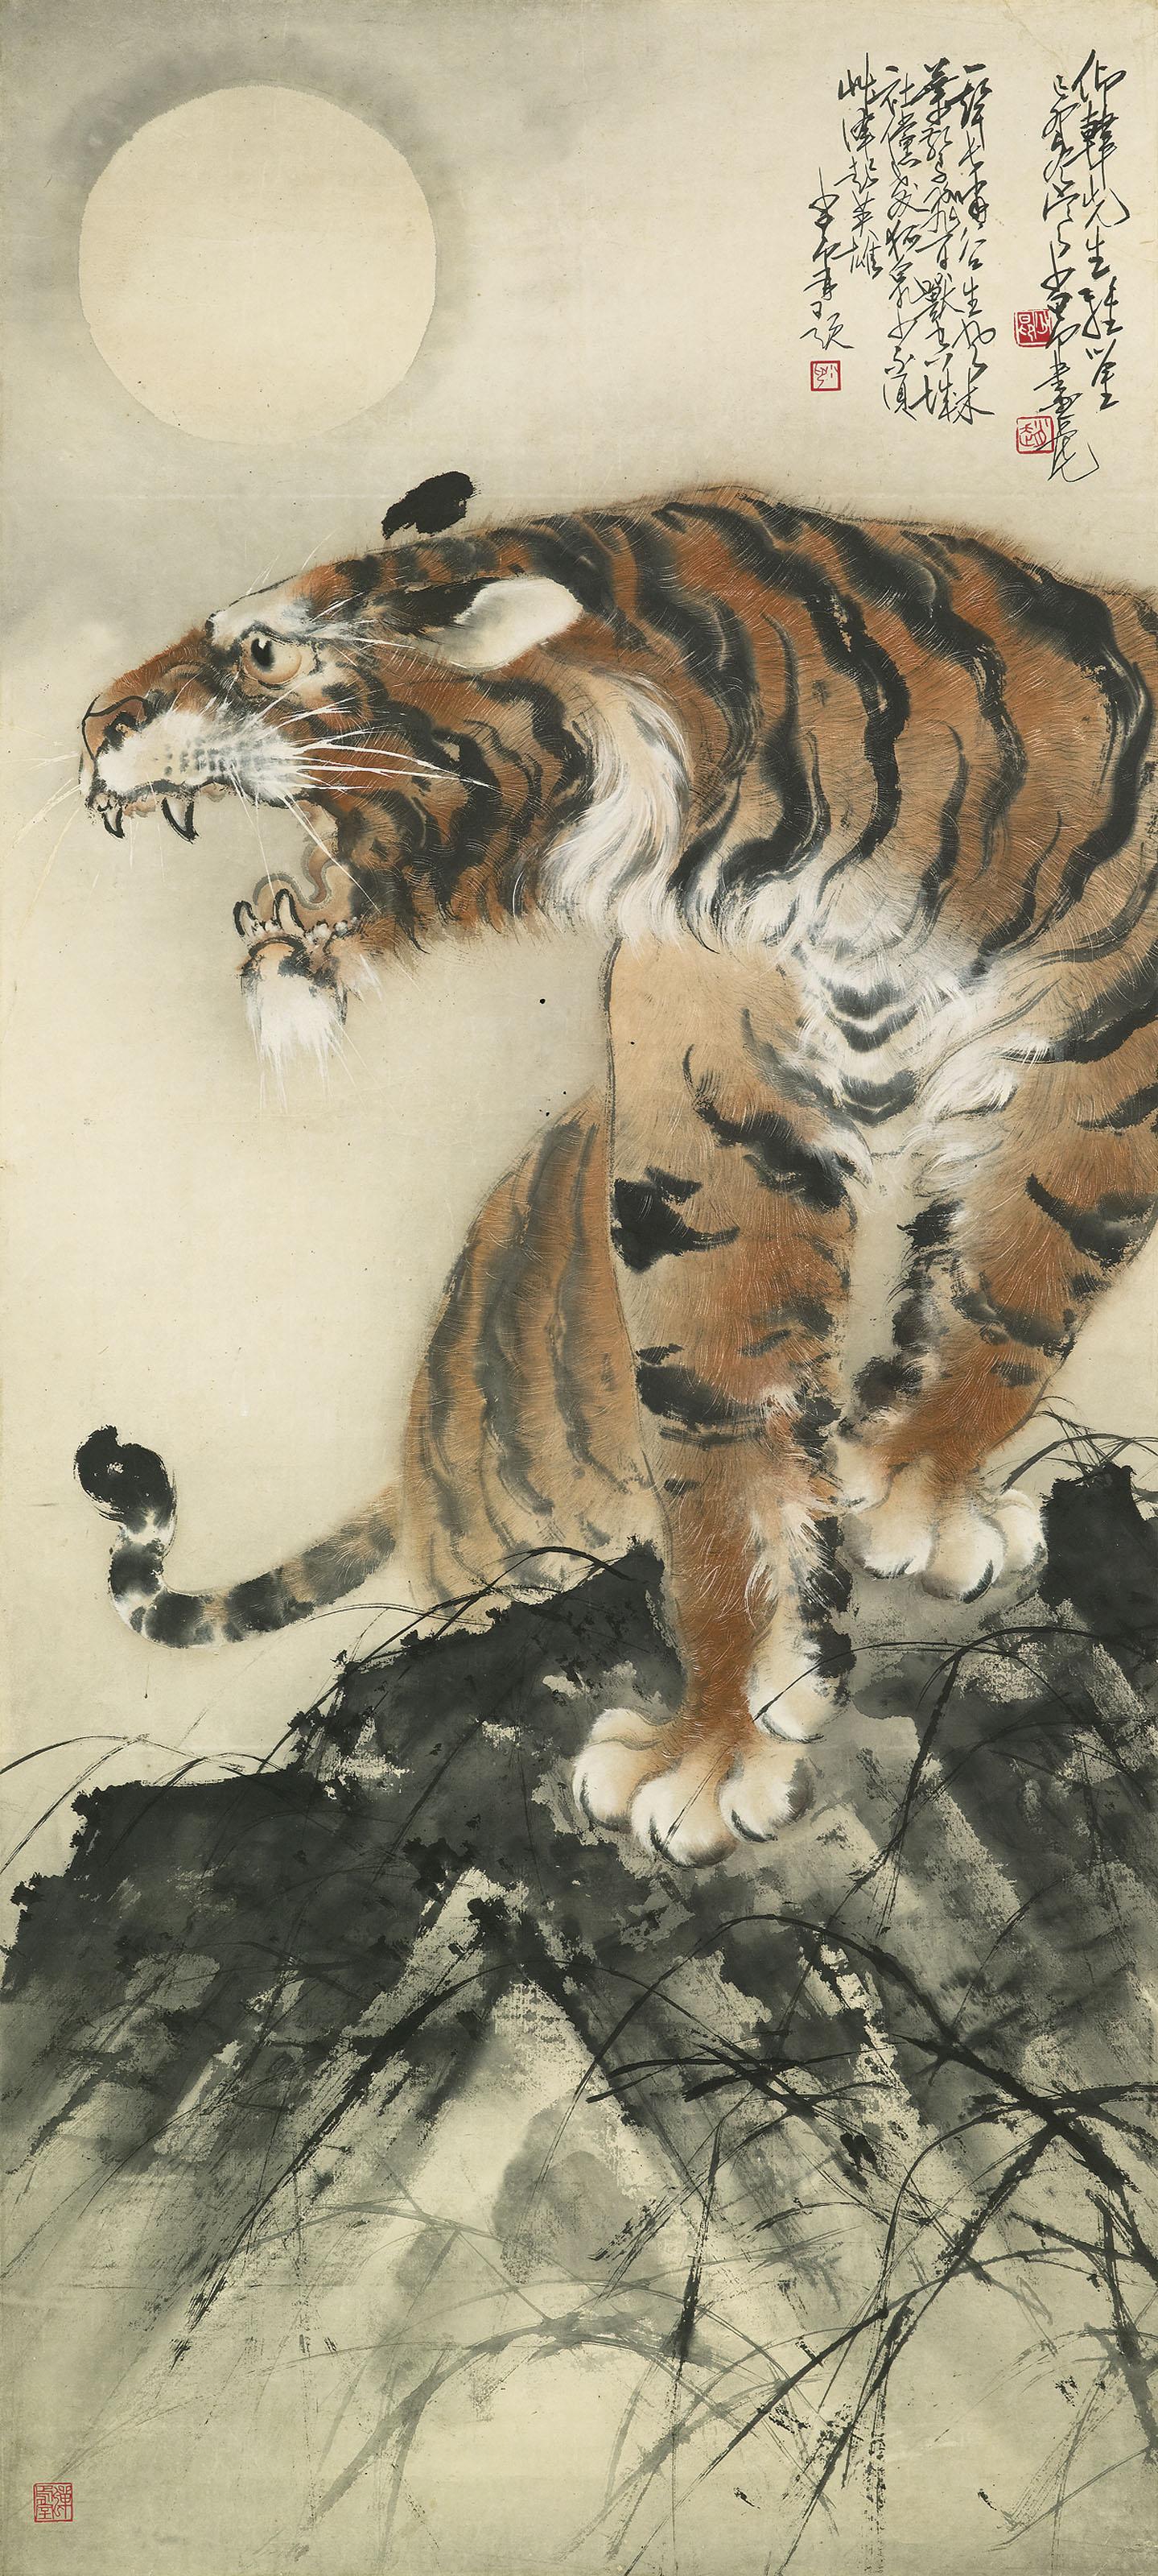 Tiger under Moonlight